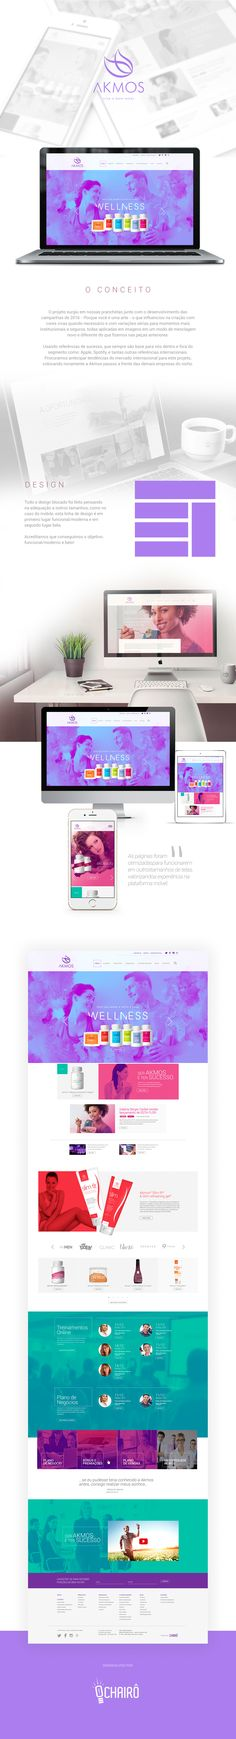 Conheça o novo site da Akmos! Um site administrável, com layout criativo da Agência Chairô, programado na plataforma Wordpress, responsivo (adaptado para os dispositivos móveis), com imagens expressivas que atraem os cliques dos visitantes.